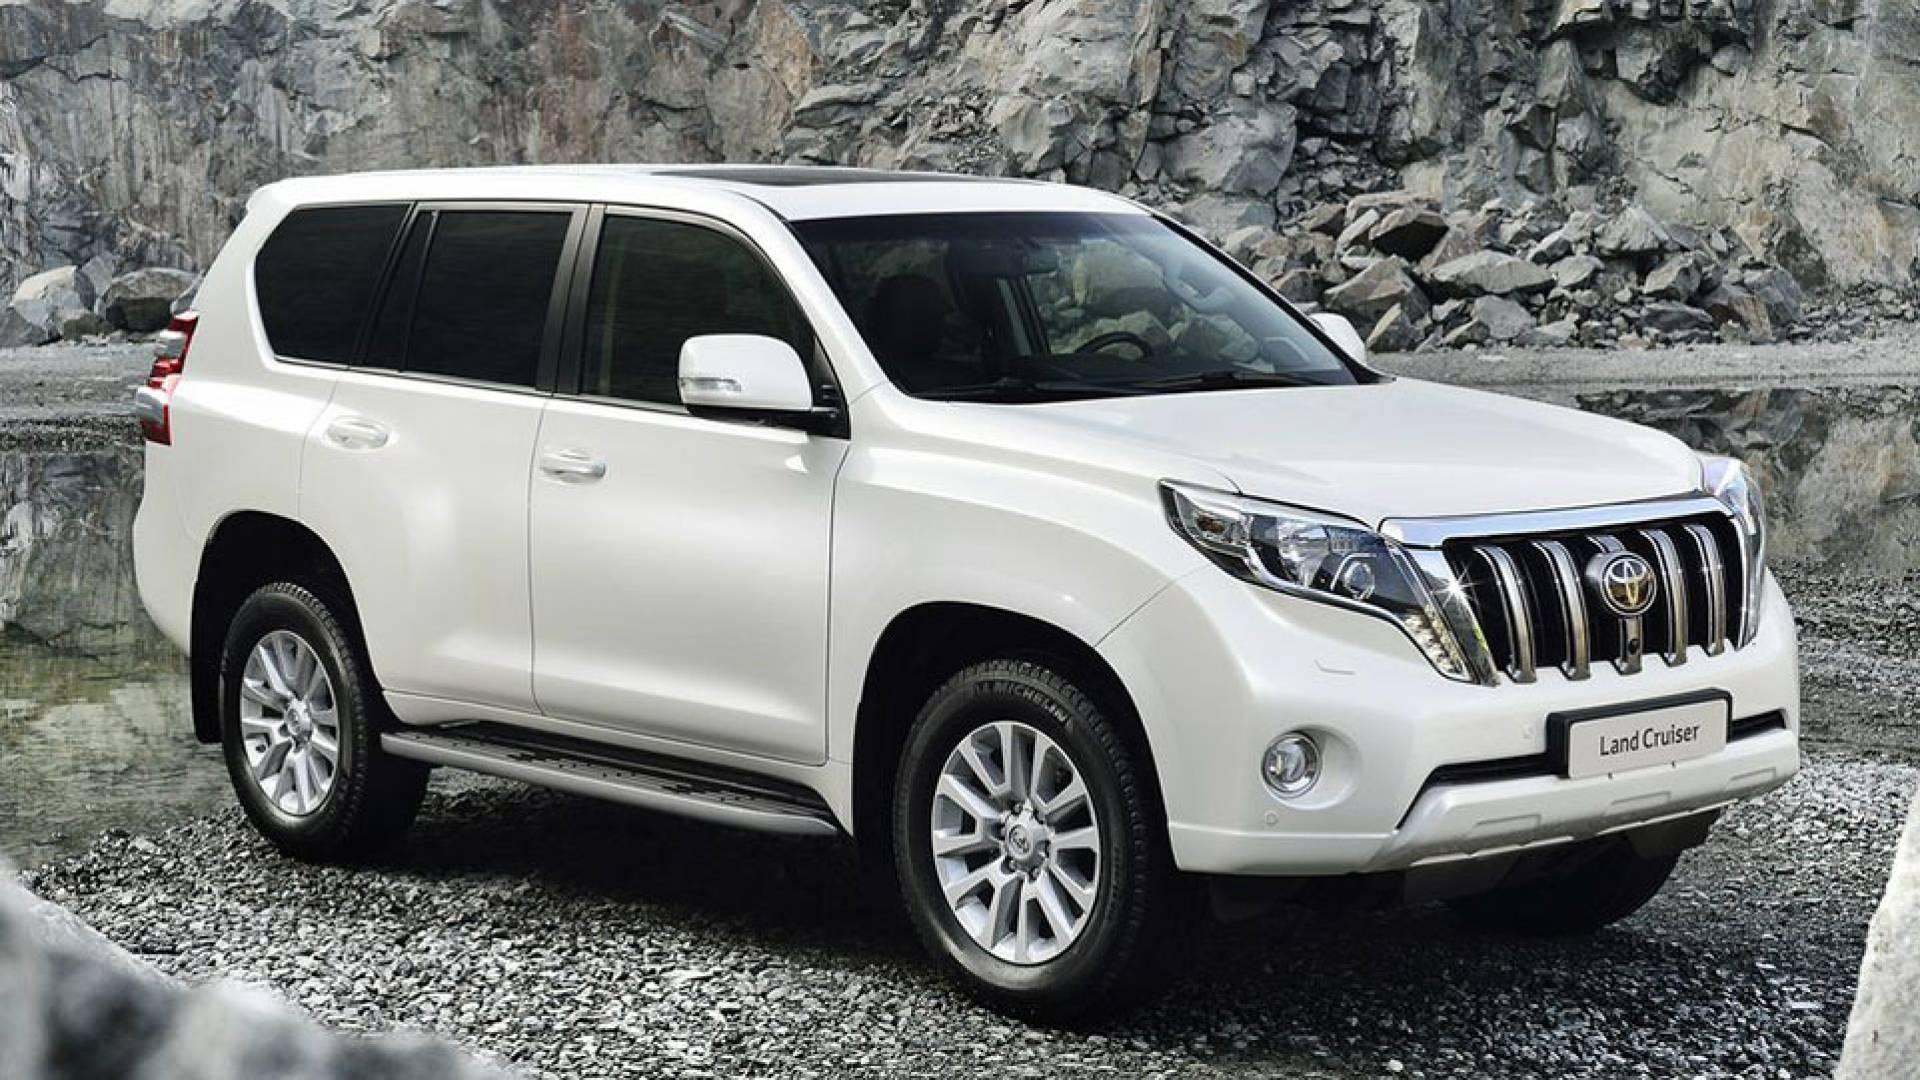 Toyota land cruiser di sel y 4x4 precios prueba ficha for Piletas intex precios y modelos